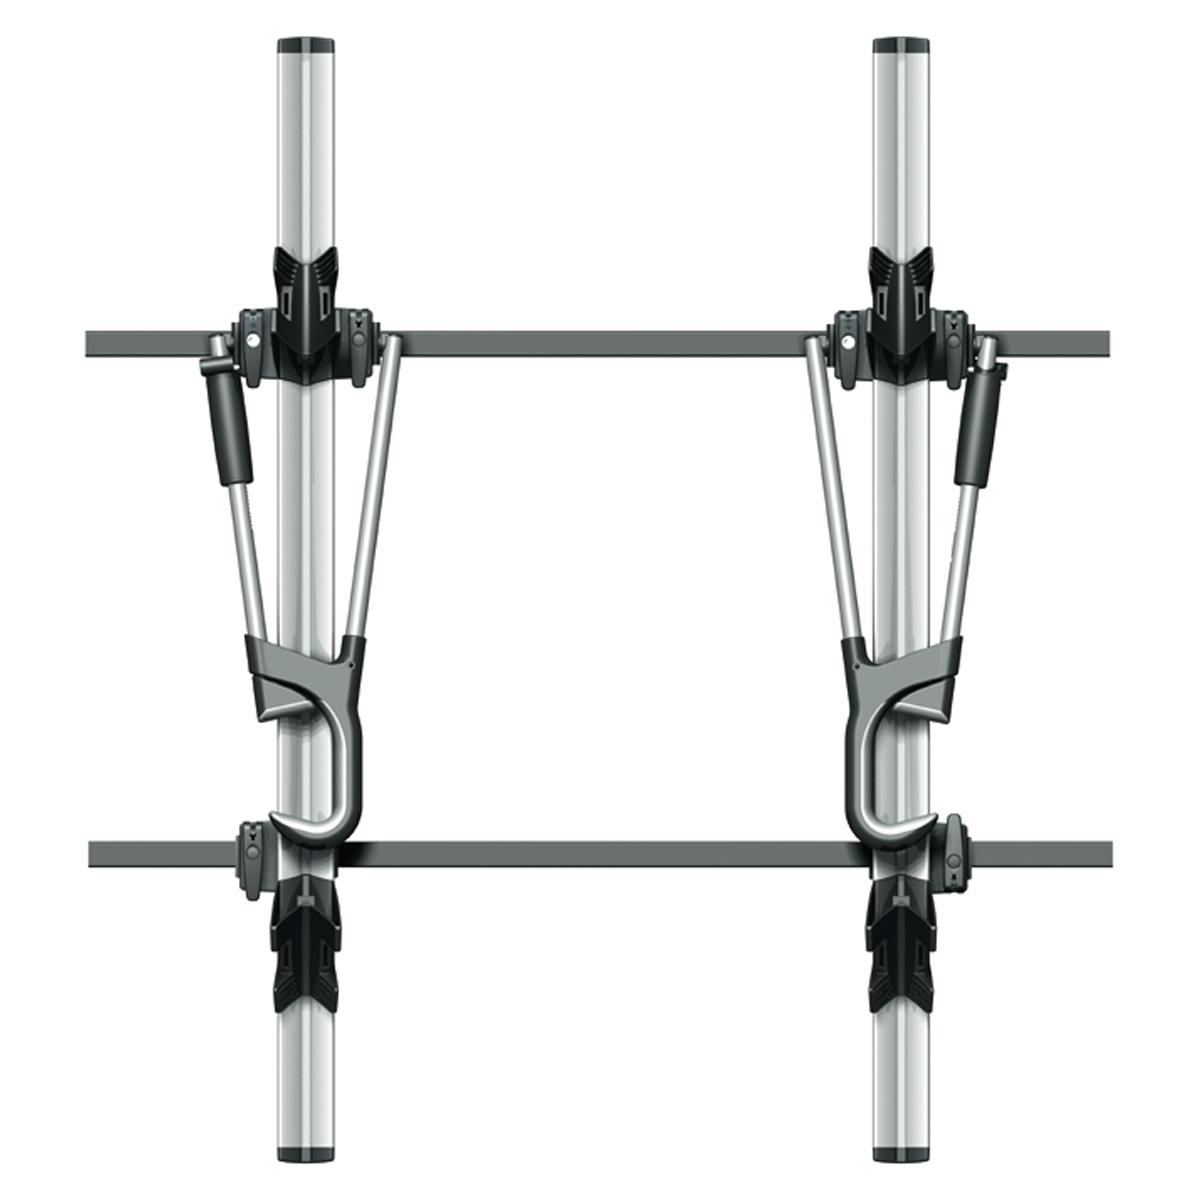 2x atera giro af bike rack roof bars bike mount 082227. Black Bedroom Furniture Sets. Home Design Ideas